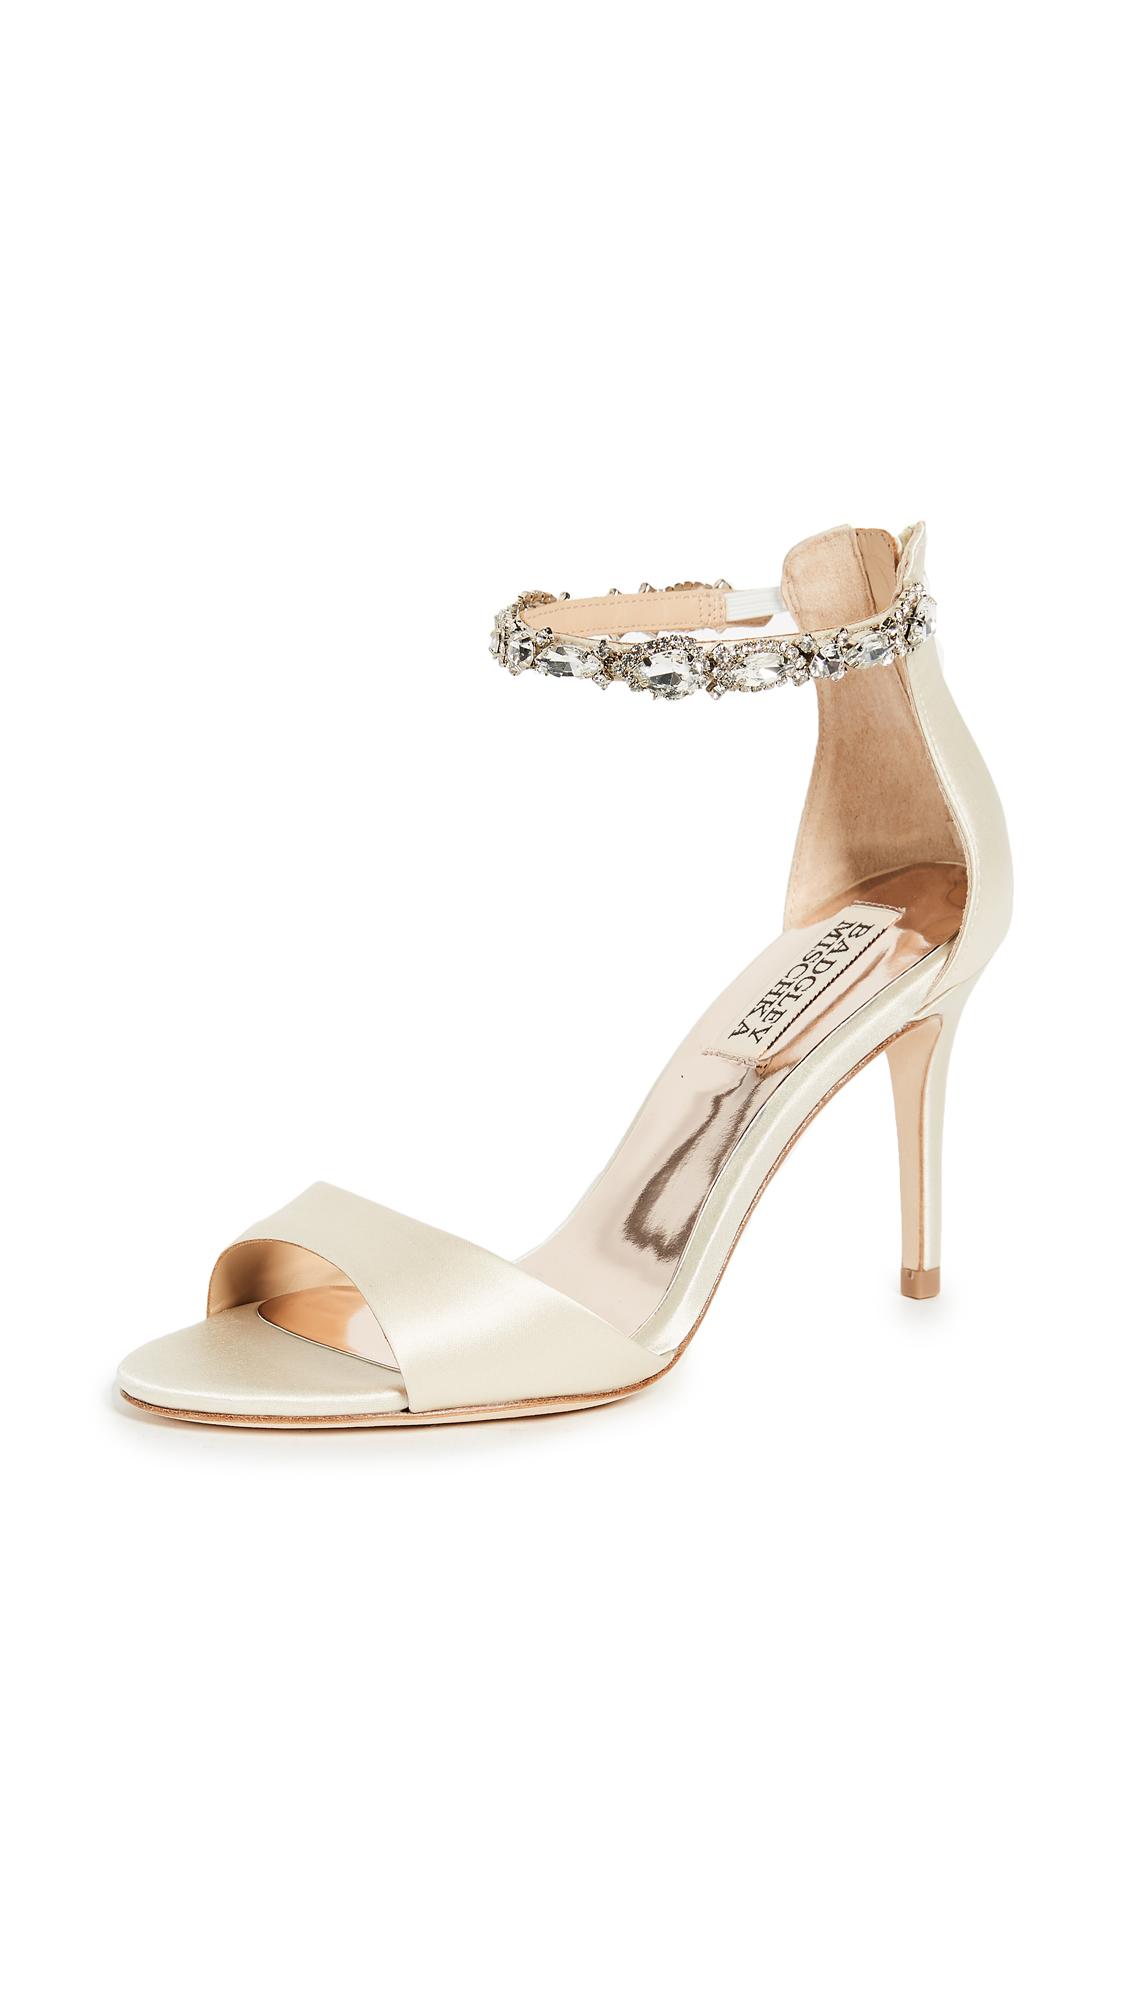 Badgley Mischka Sindy Ankle Strap Sandals - Ivory